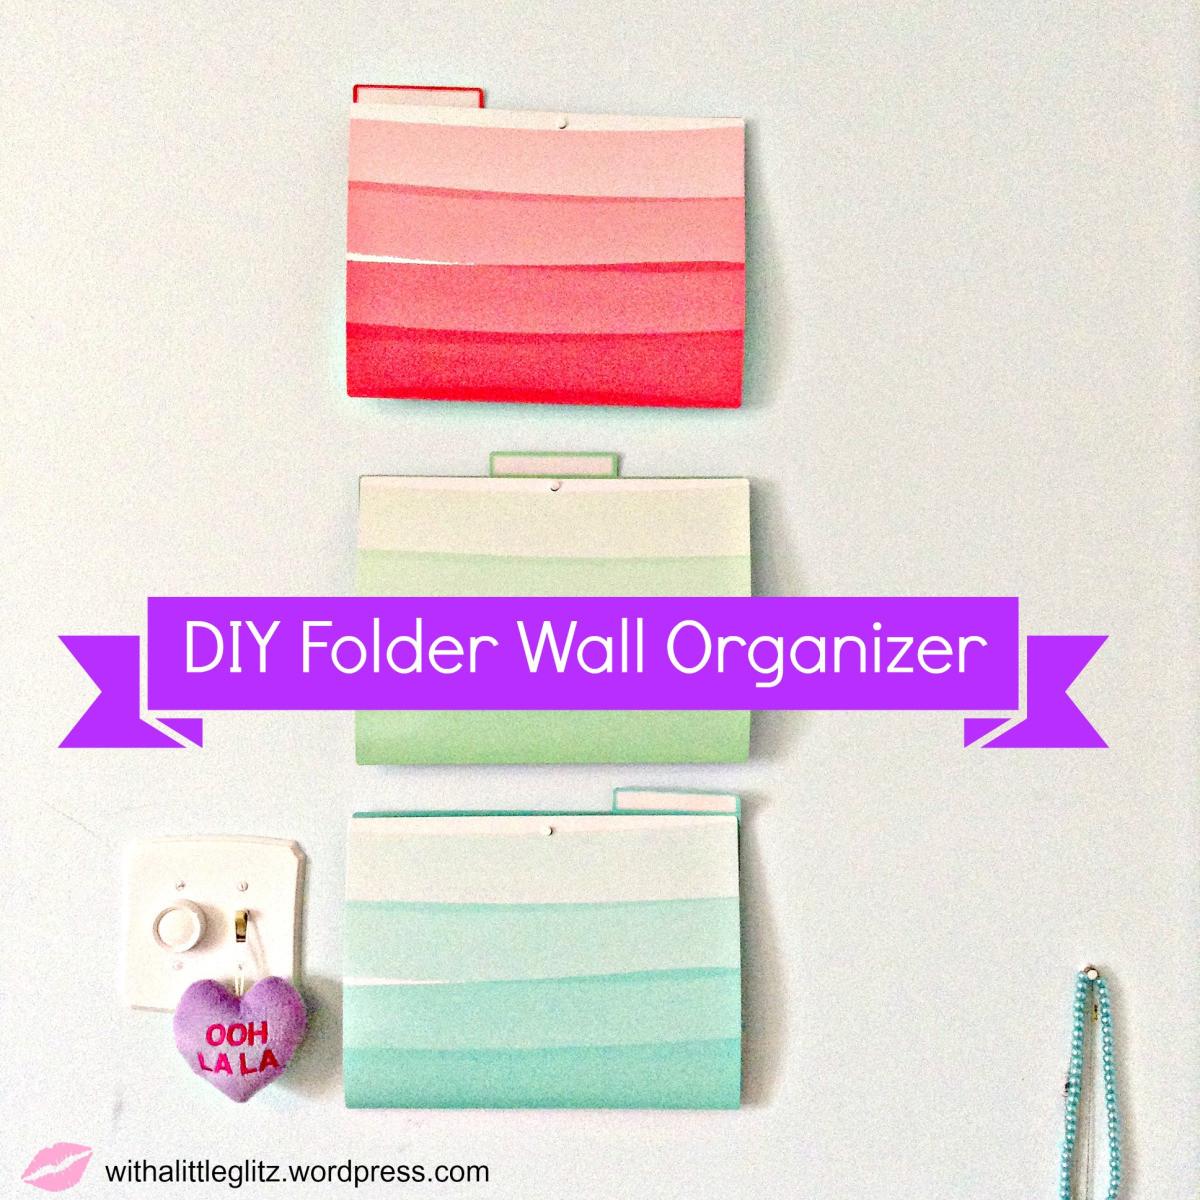 Best ideas about DIY Folder Organizer . Save or Pin Weekend DIY Super Easy Folder Wall Organizer Now.